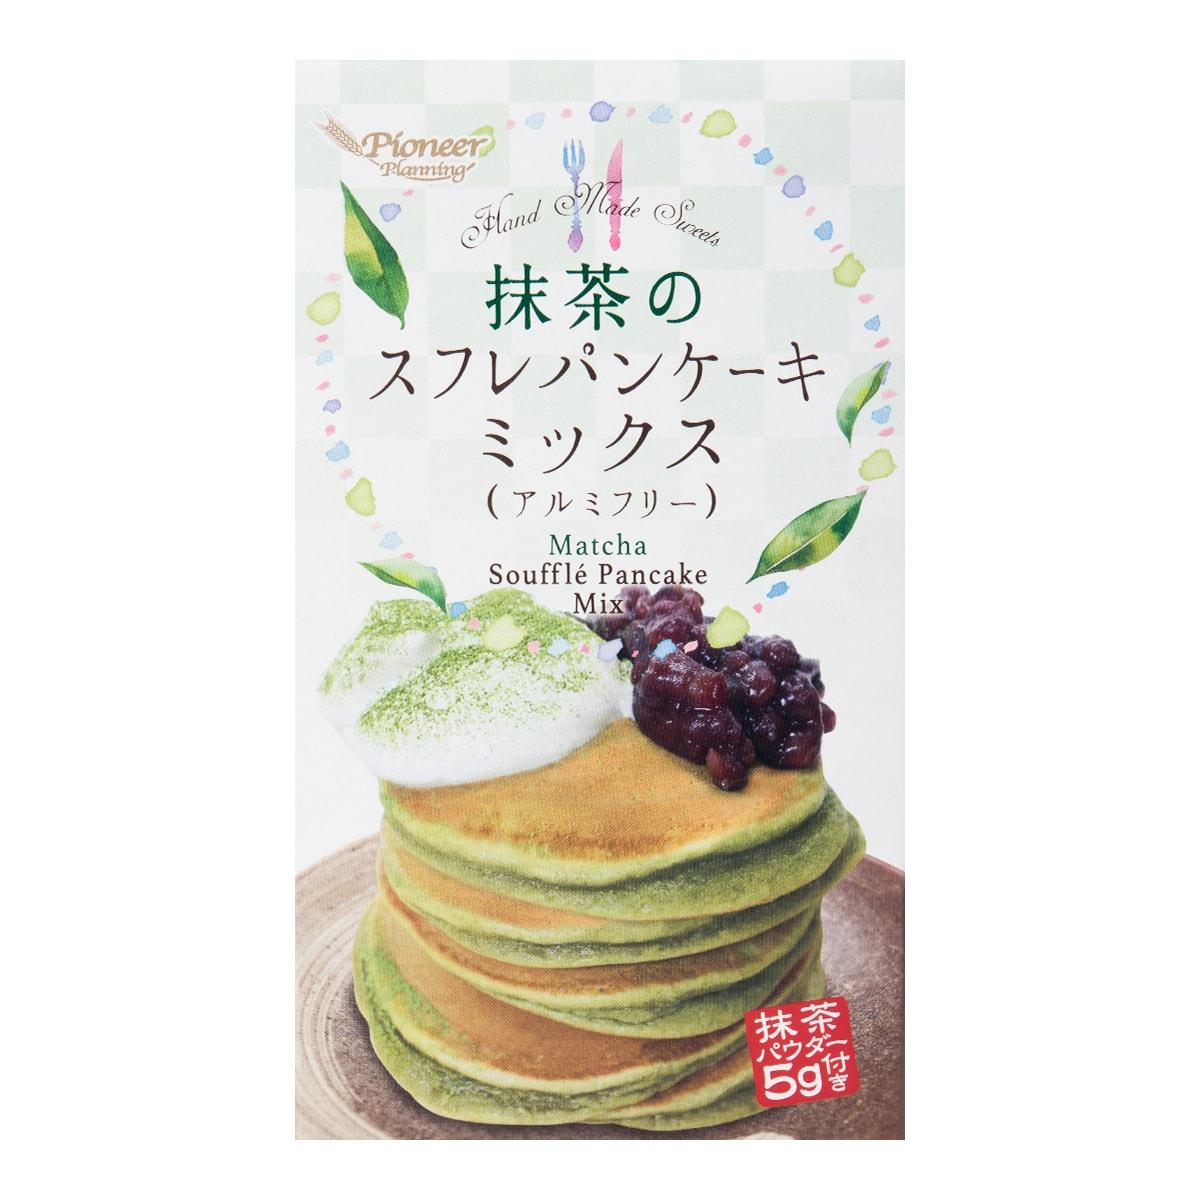 日本PIONEER 舒芙蕾松饼粉 抹茶风味 255g